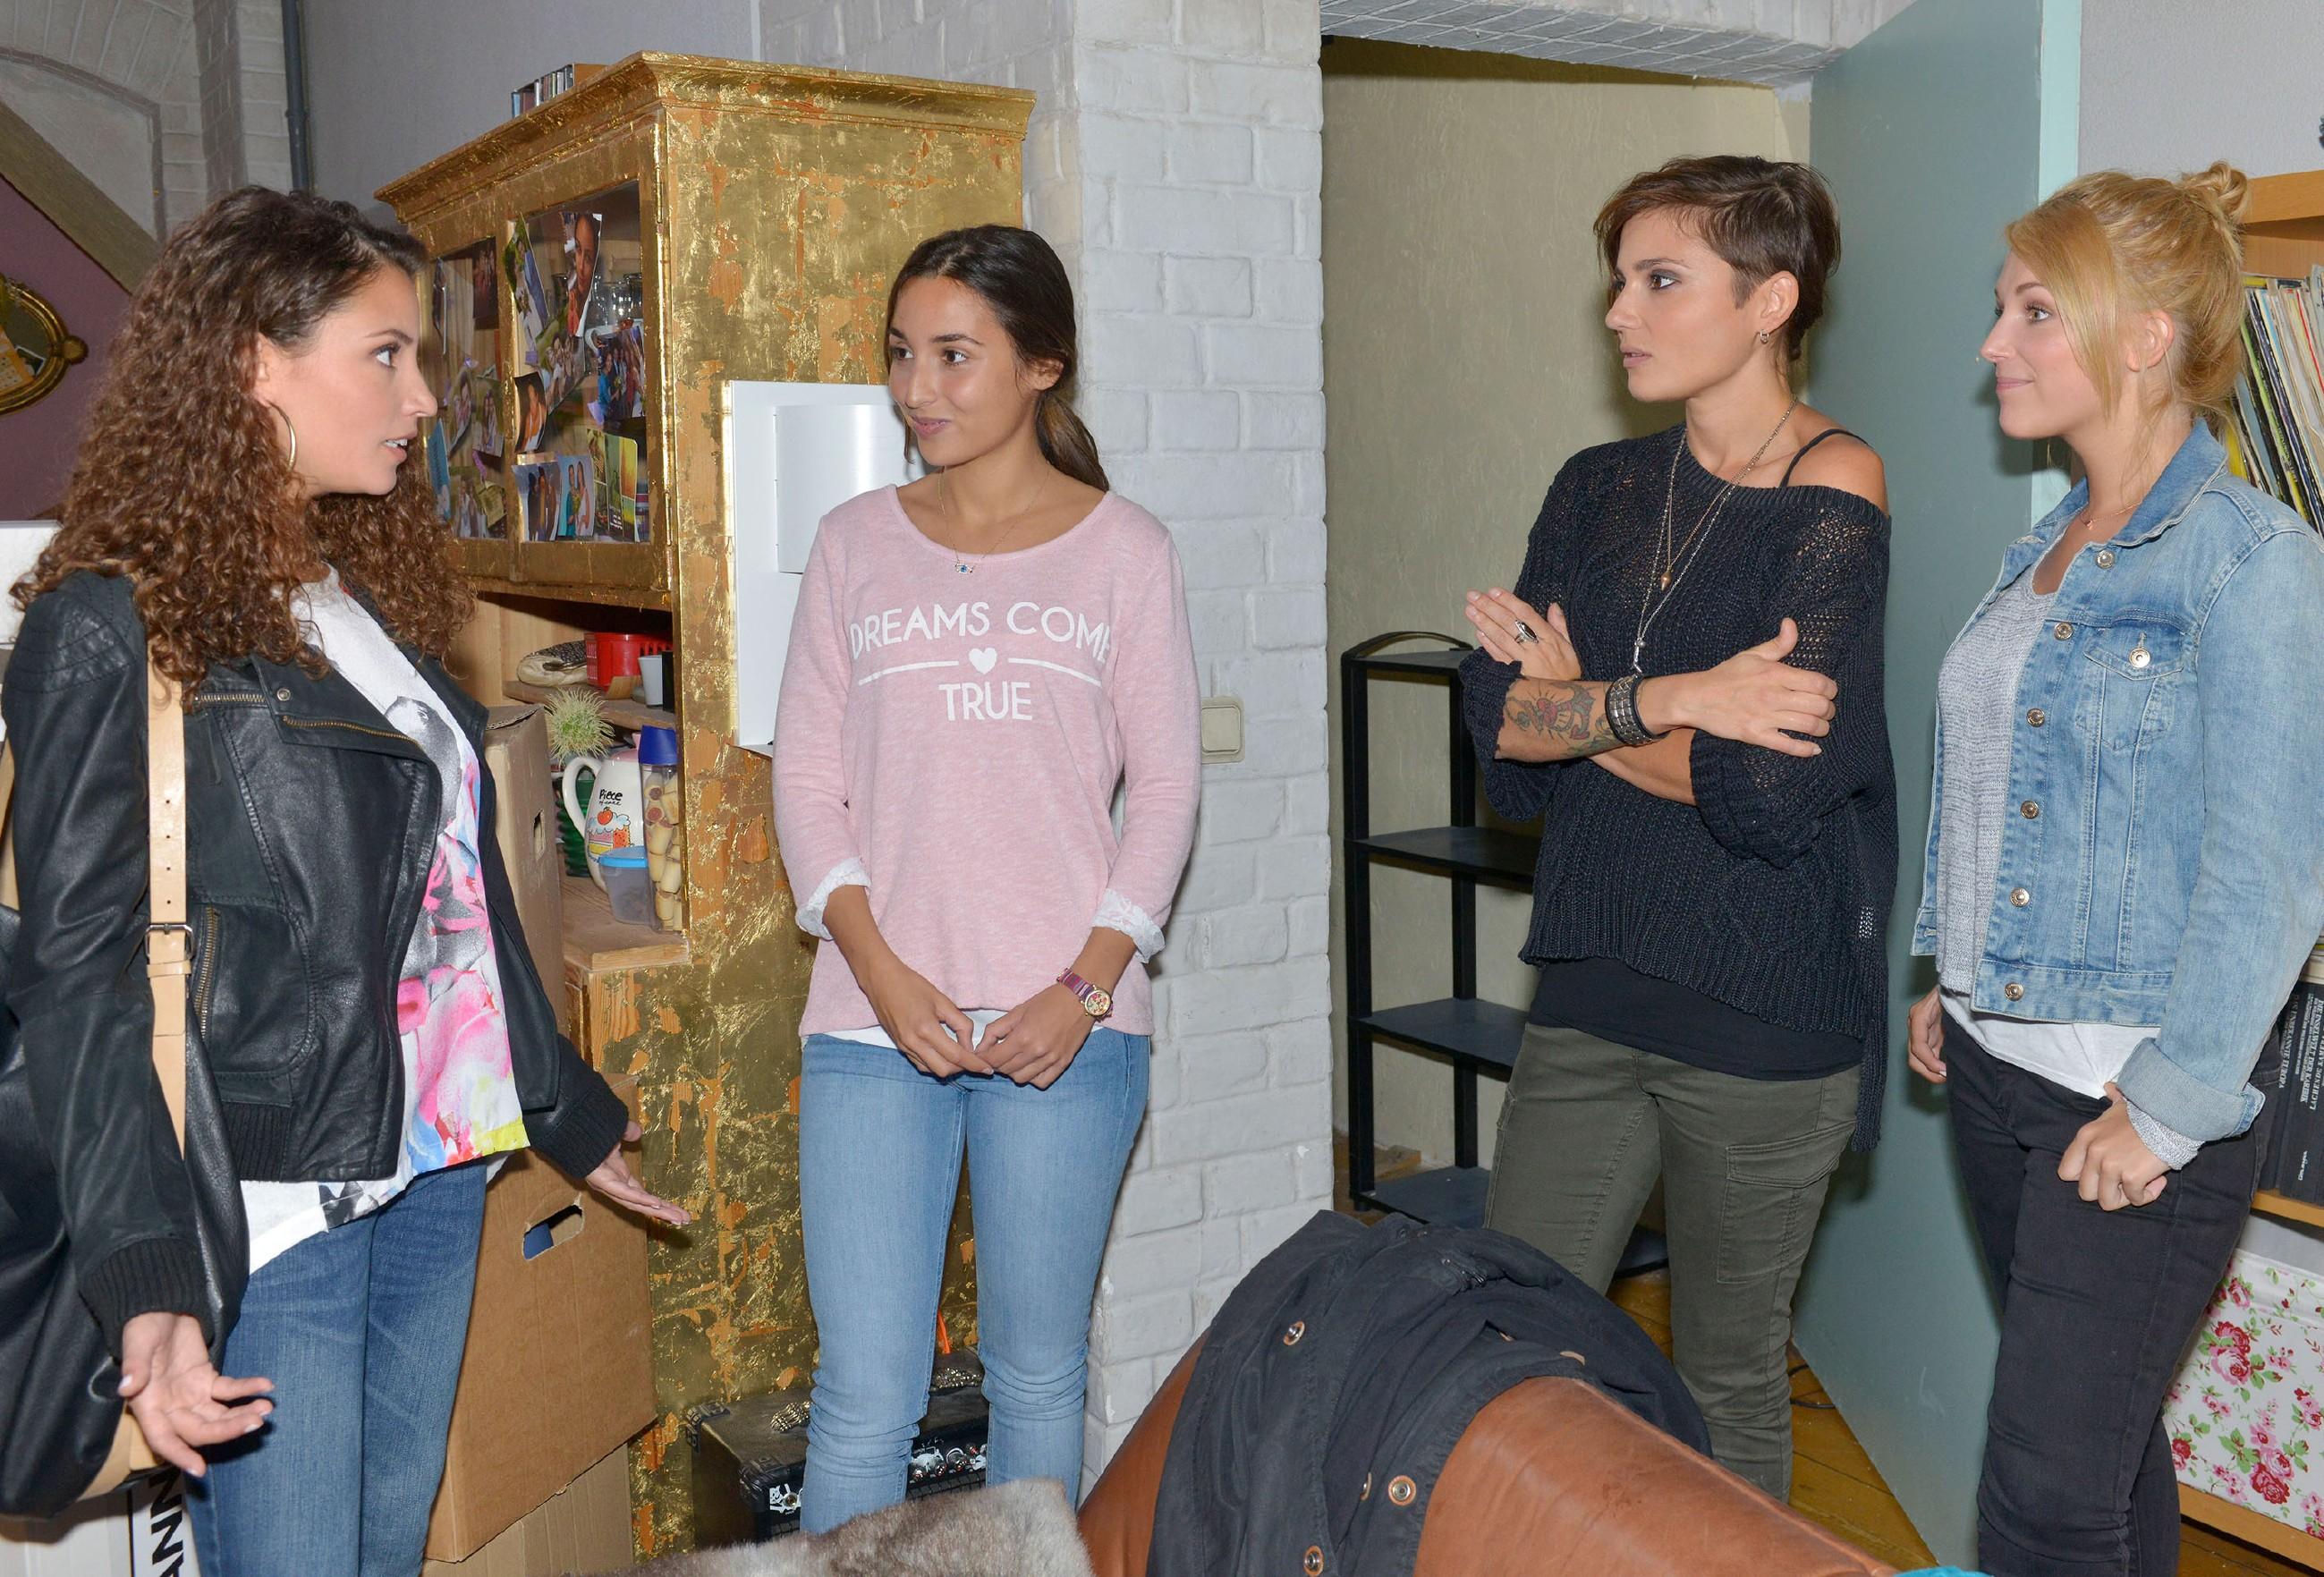 Selma (Rona Özkan, 2.v.l.) stellt sich vor, bei Ayla (Nadine Menz, l.), Anni (Linda Marlen Runge) und Lilly (Iris Mareike Steen, r.) in der WG wohnen zu können.